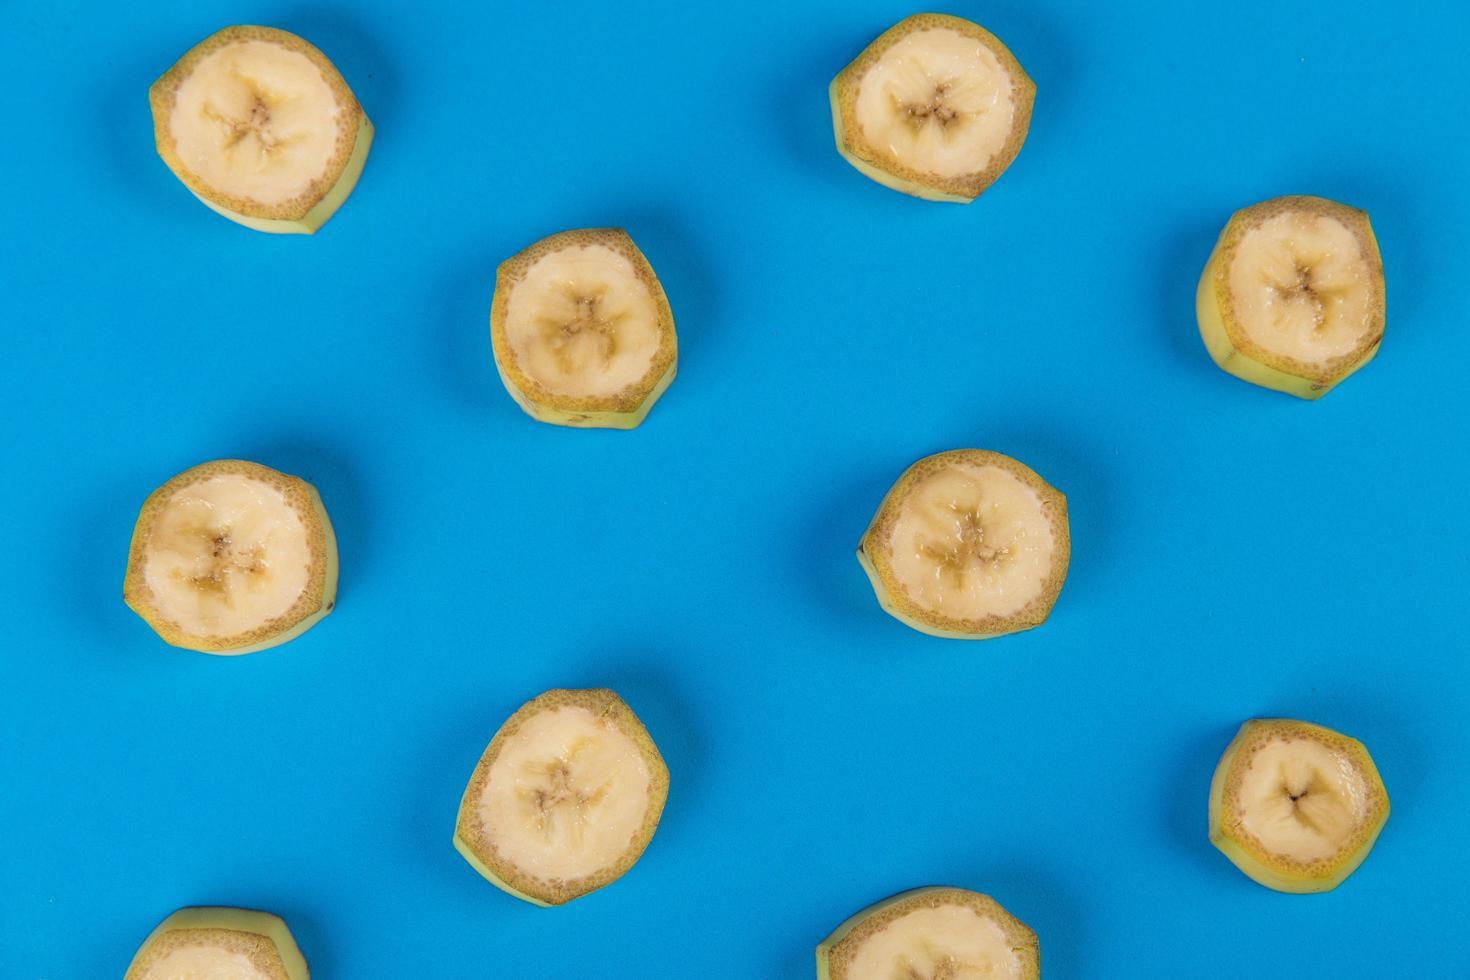 ongeschilde plakjes banaan op blauwe achtergrond foto